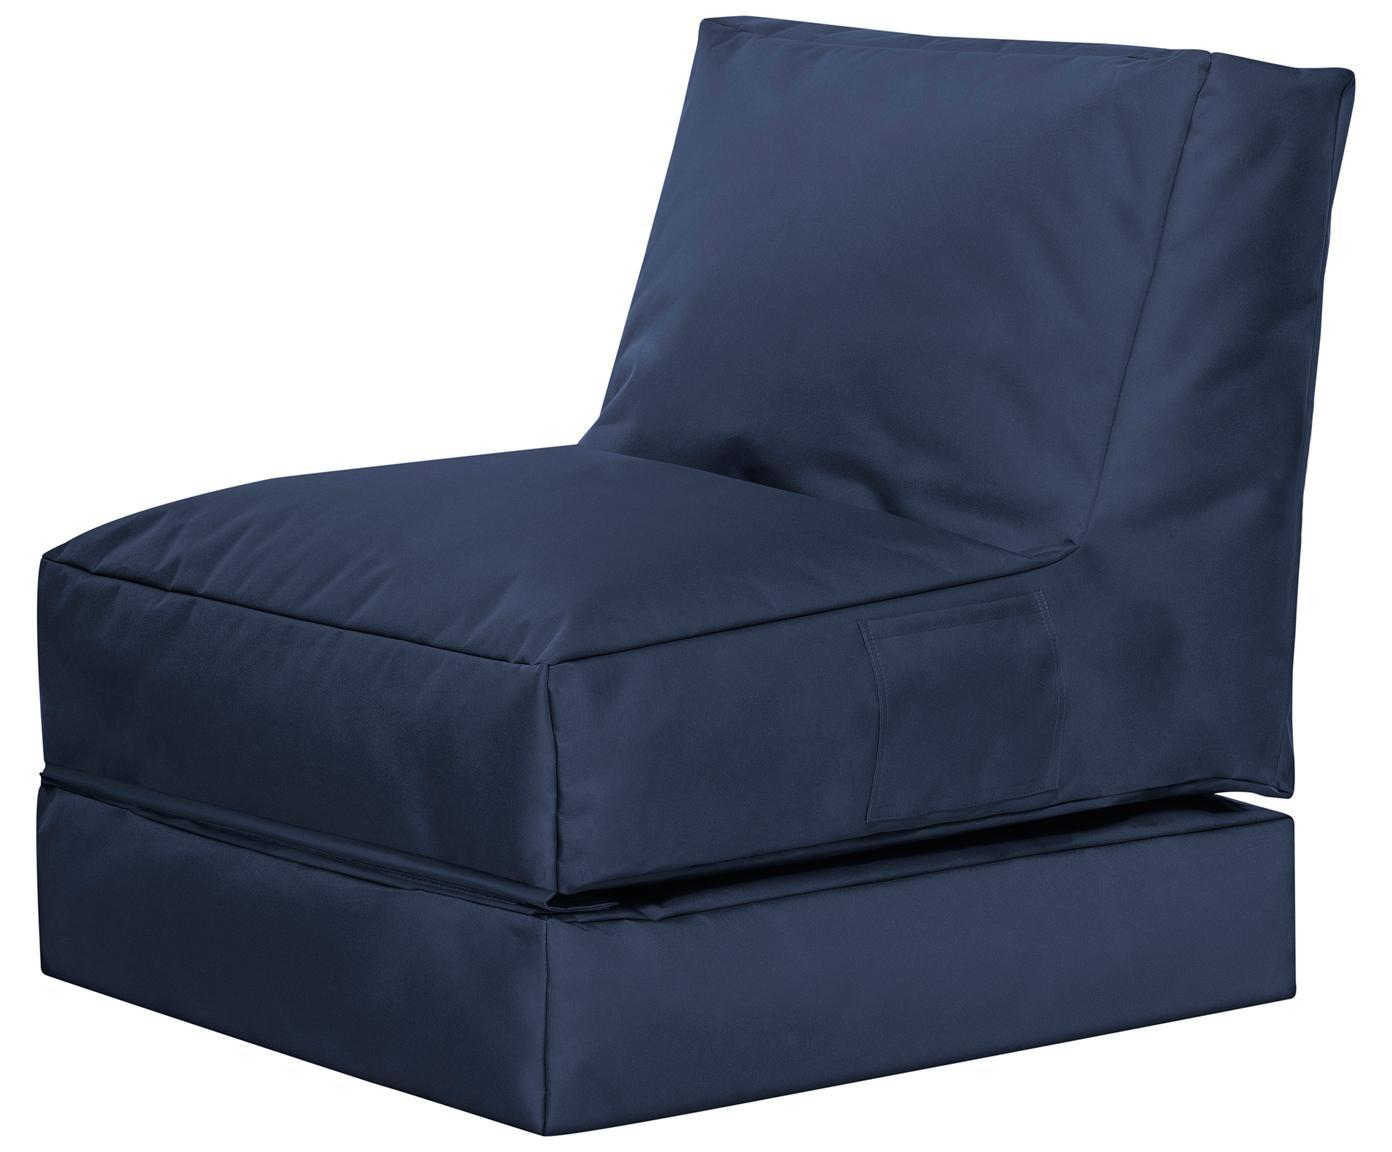 Fotel ogrodowy z funkcją leżenia Pop Up, Tapicerka: 100% poliester Wewnątrz p, Jeansowy niebieski, S 70 x G 90 cm